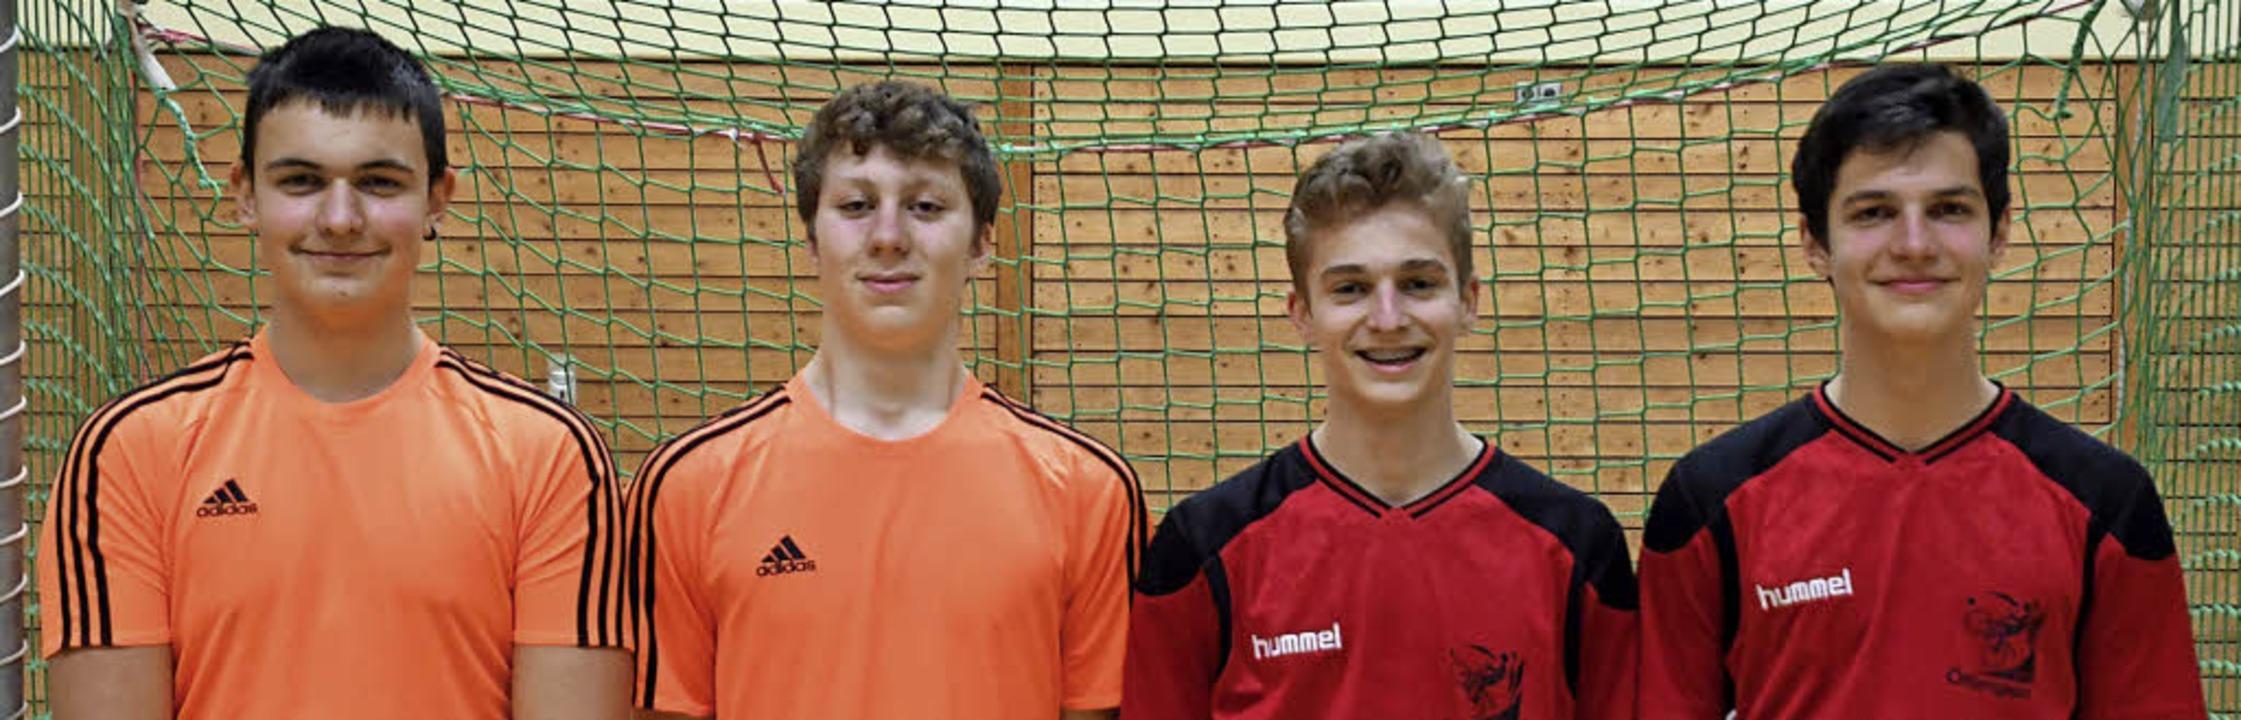 Meisterlich: Noah Klausmann und Luis F...Huber und Moritz Schubach (von links).  | Foto: ZVG